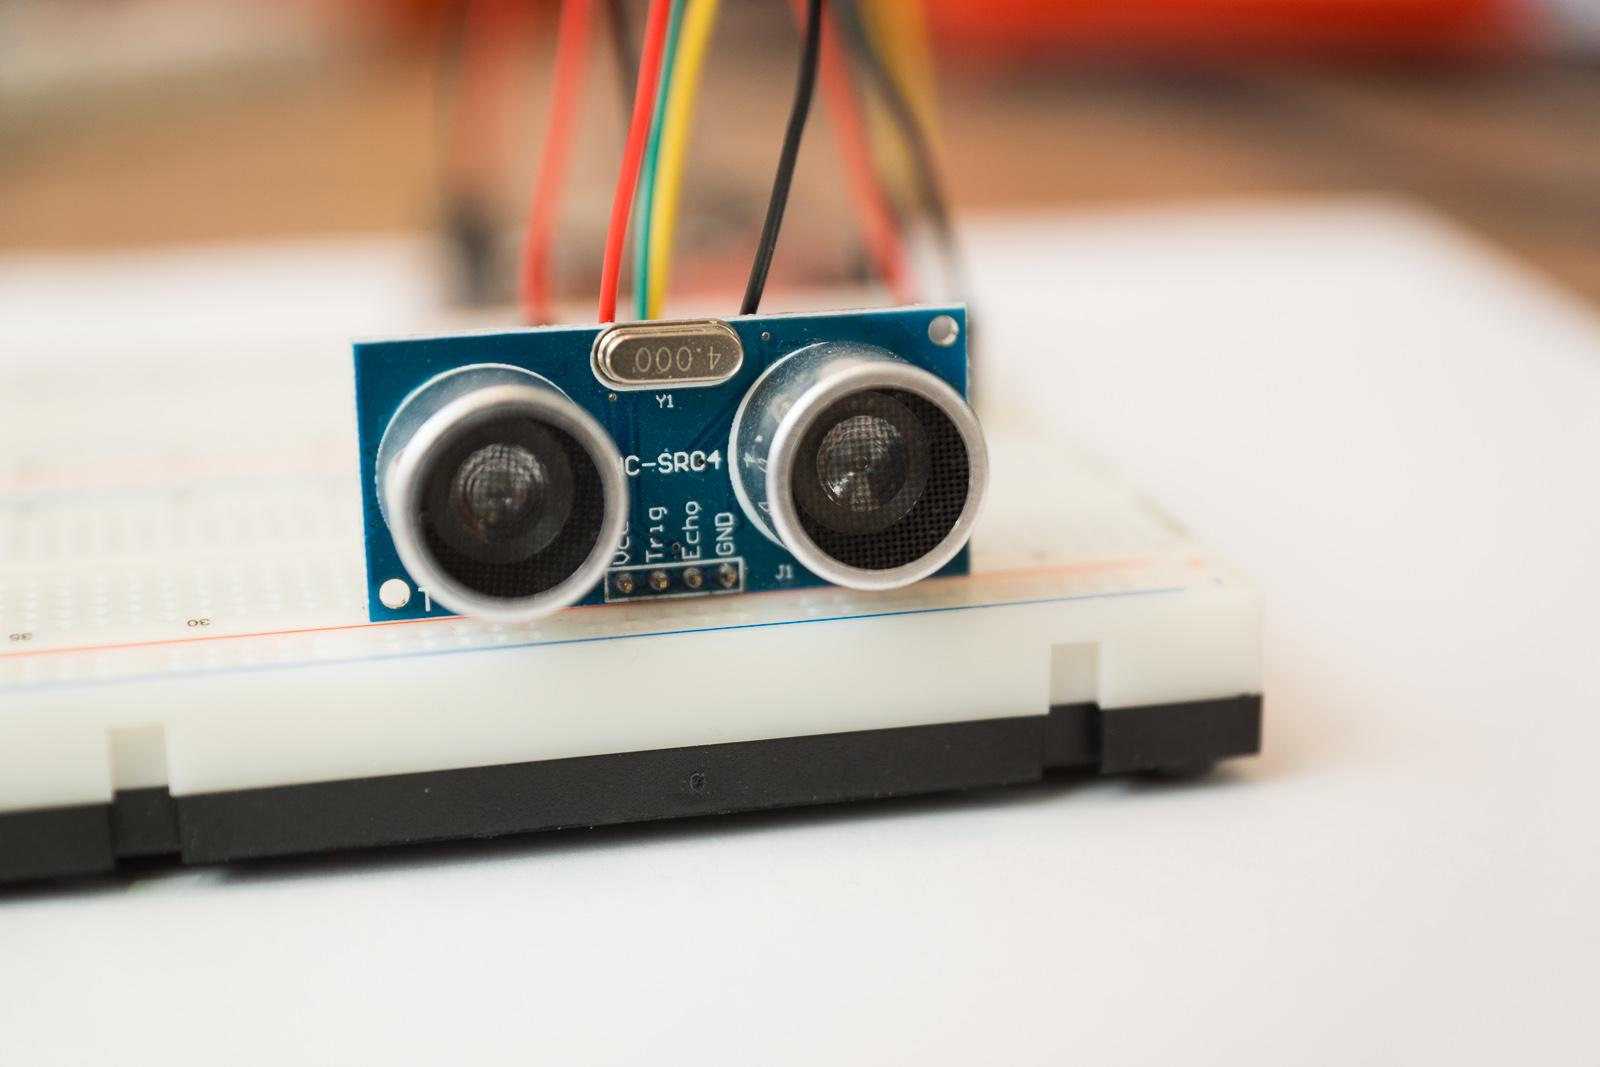 Ultraschall entfernungsmesser hc sr u netmf tutorial